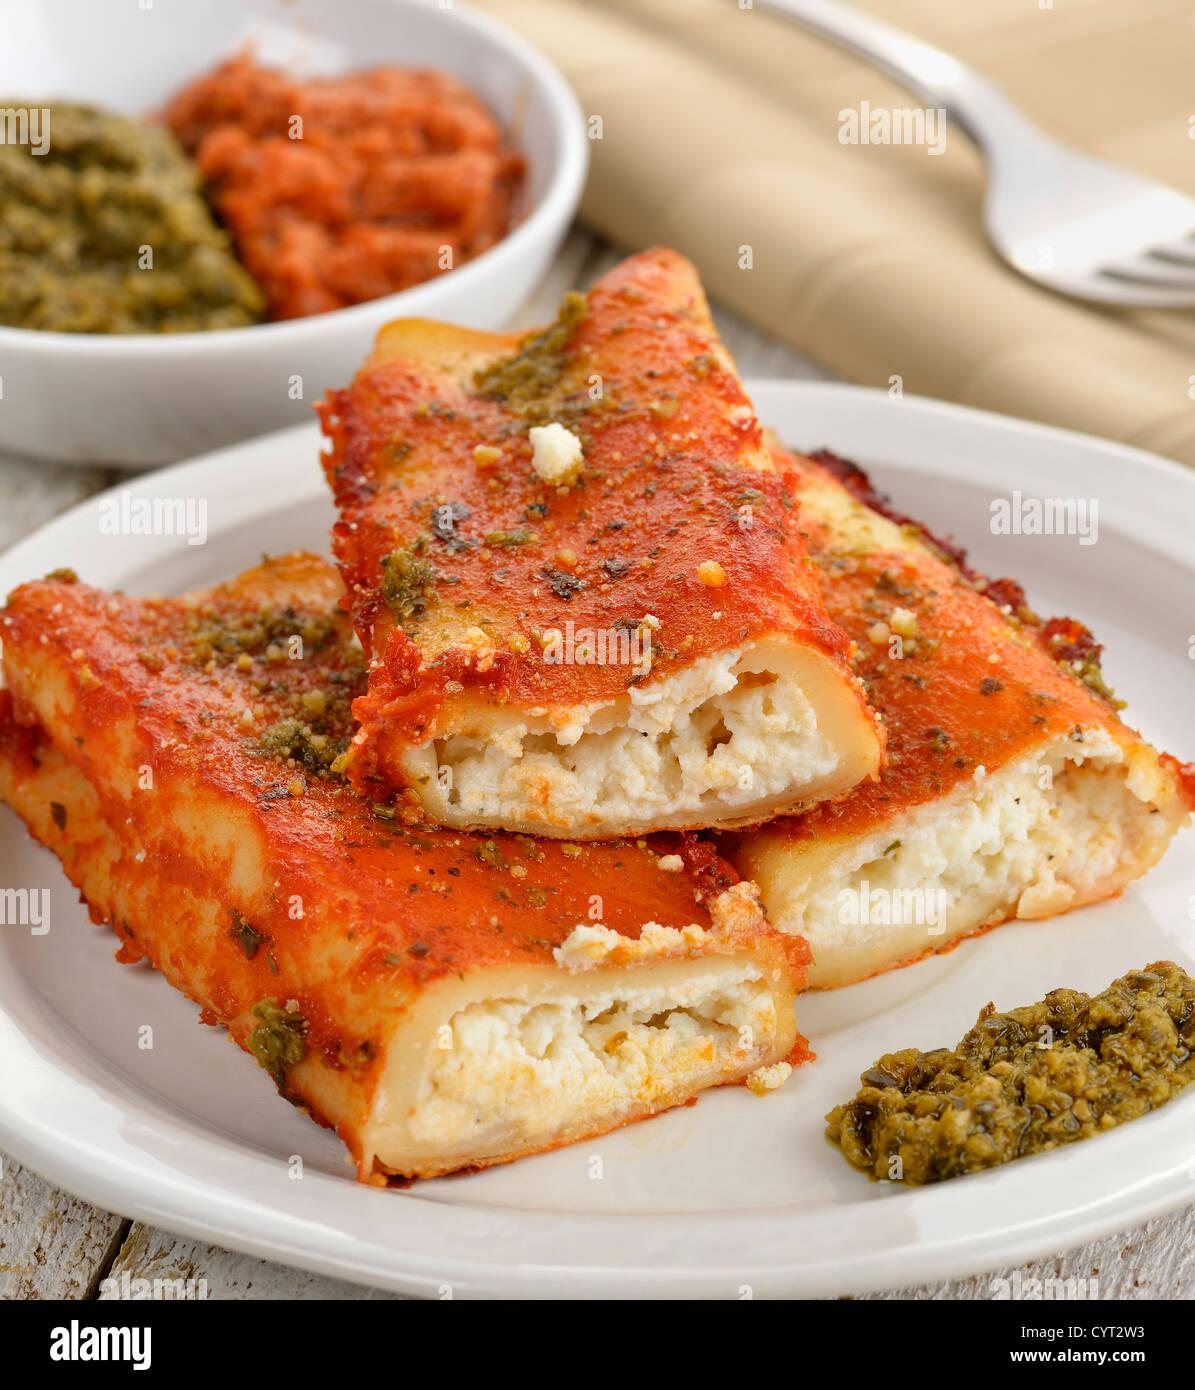 Canelones con queso, salsa de tomate y albahaca Pesto Imagen De Stock